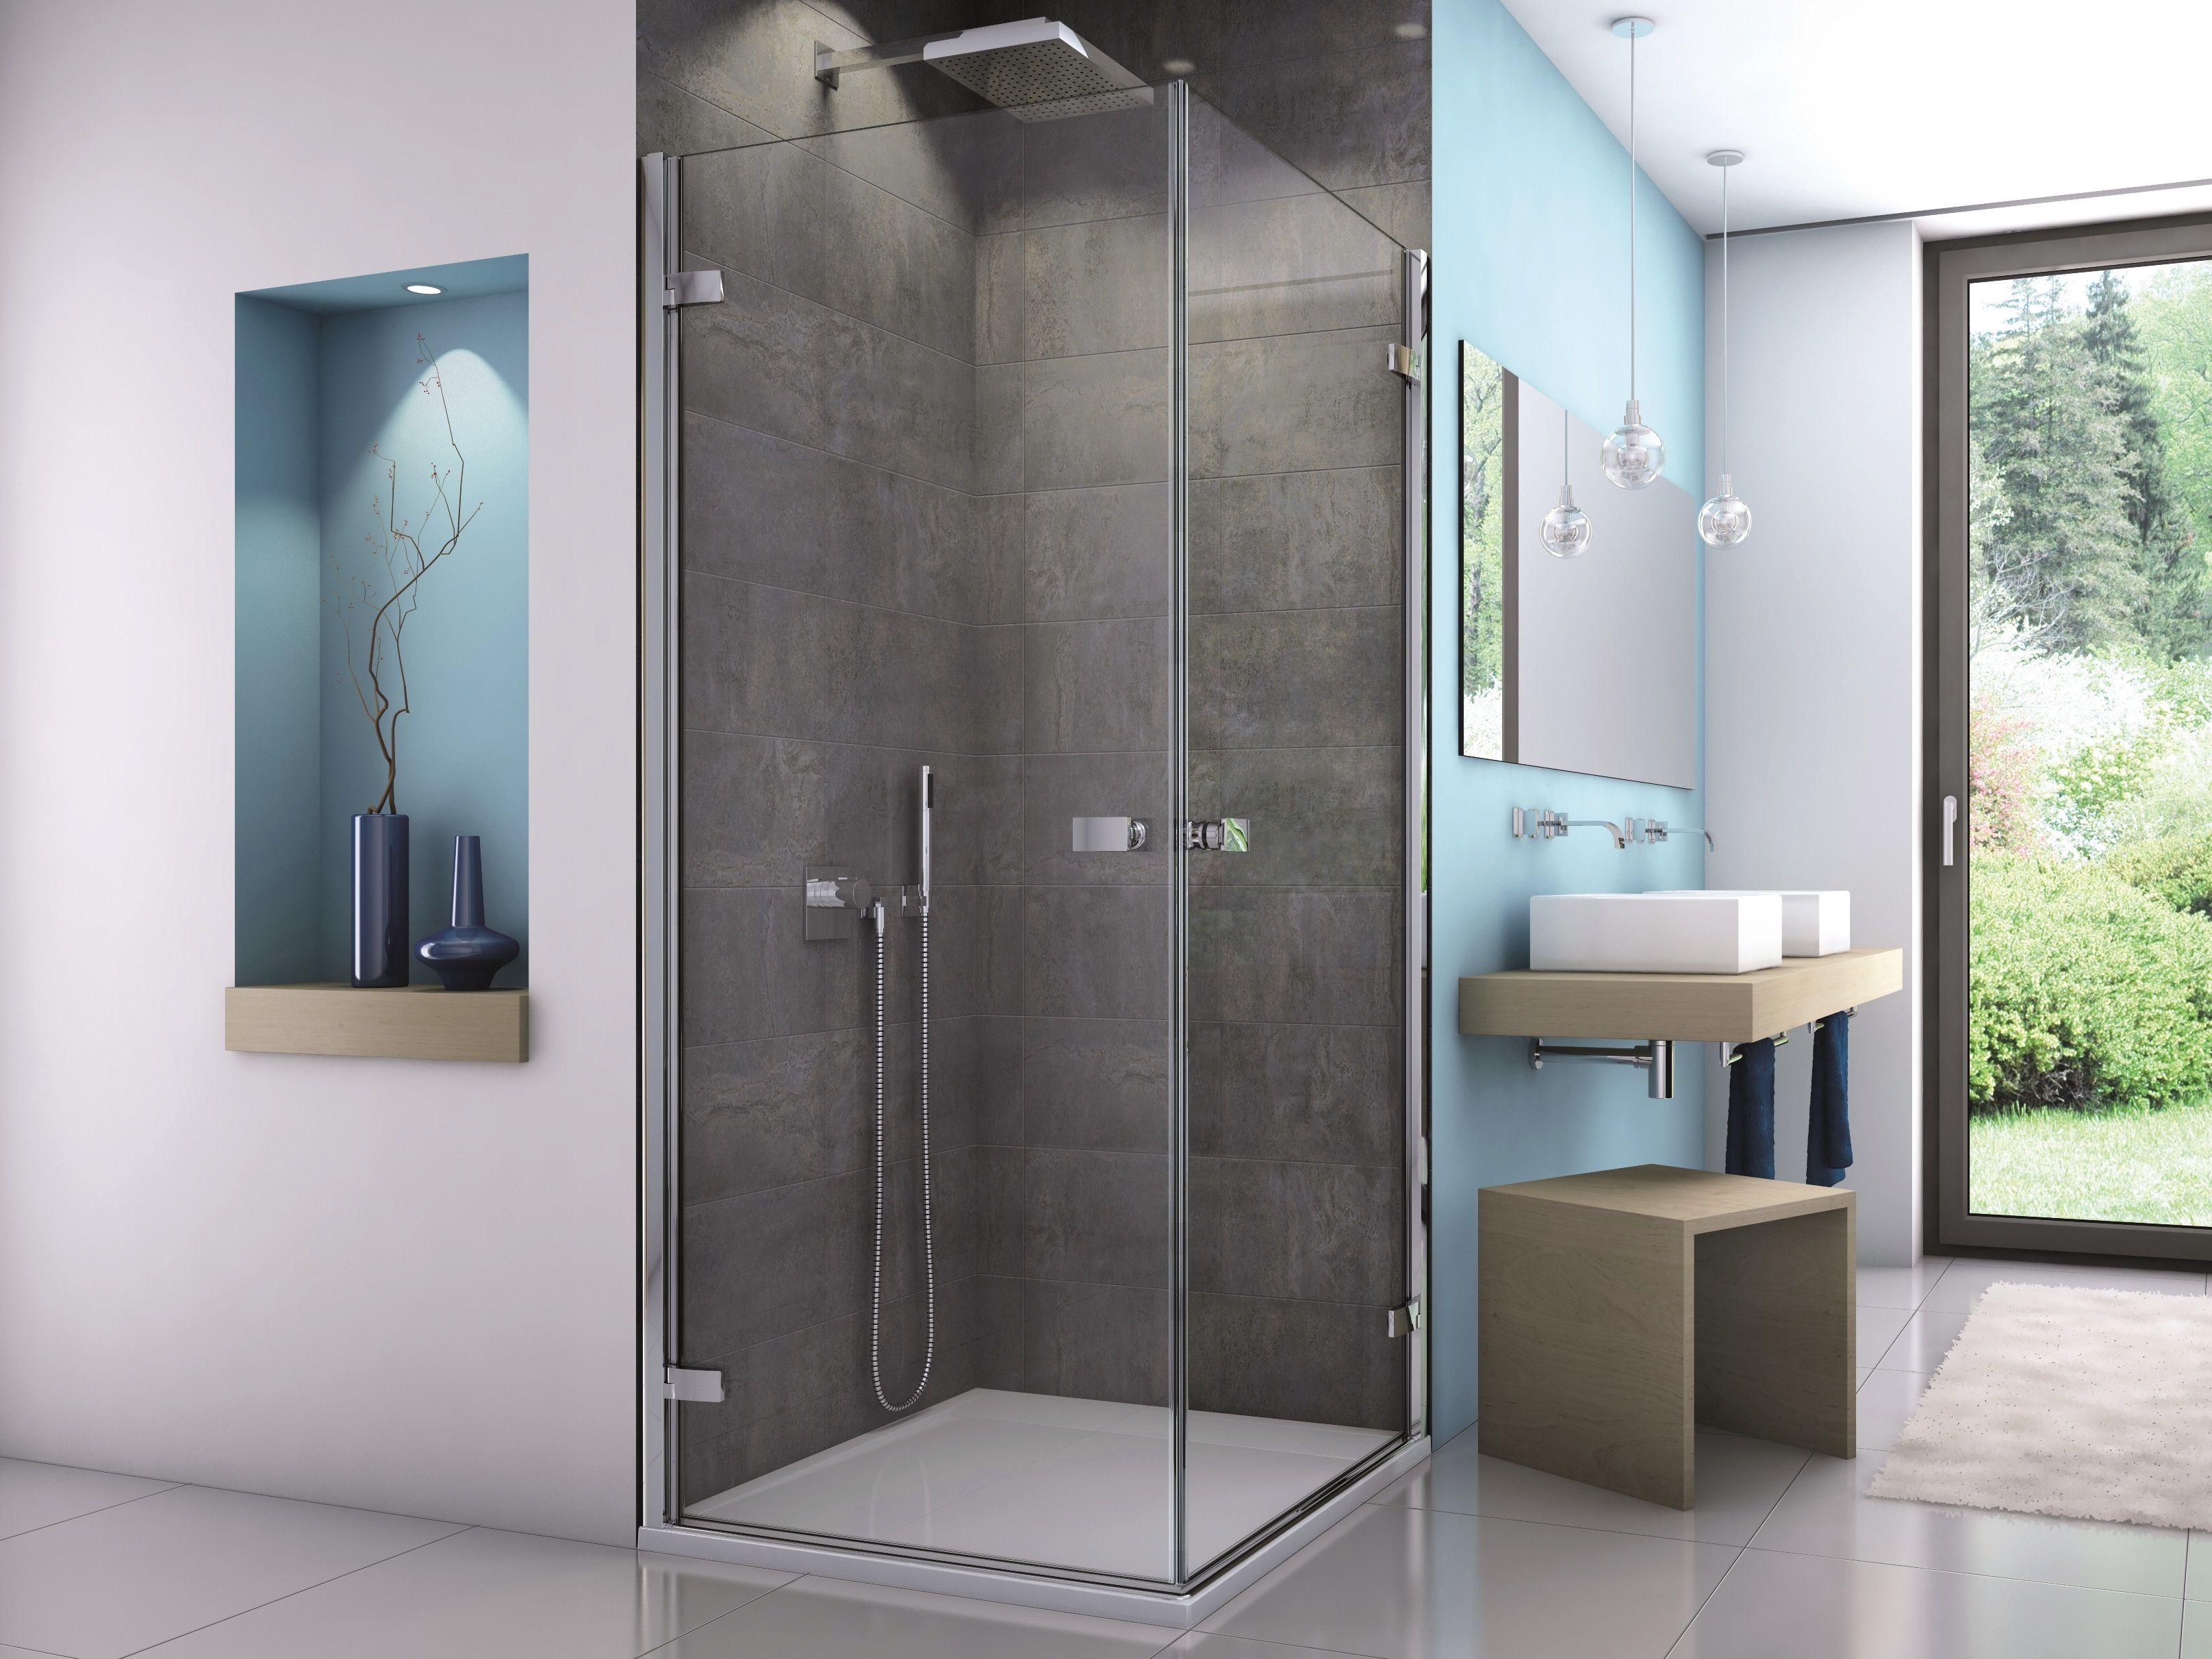 Dusche Eckeinstieg Rahmenlos Eckduschen Duschkabine